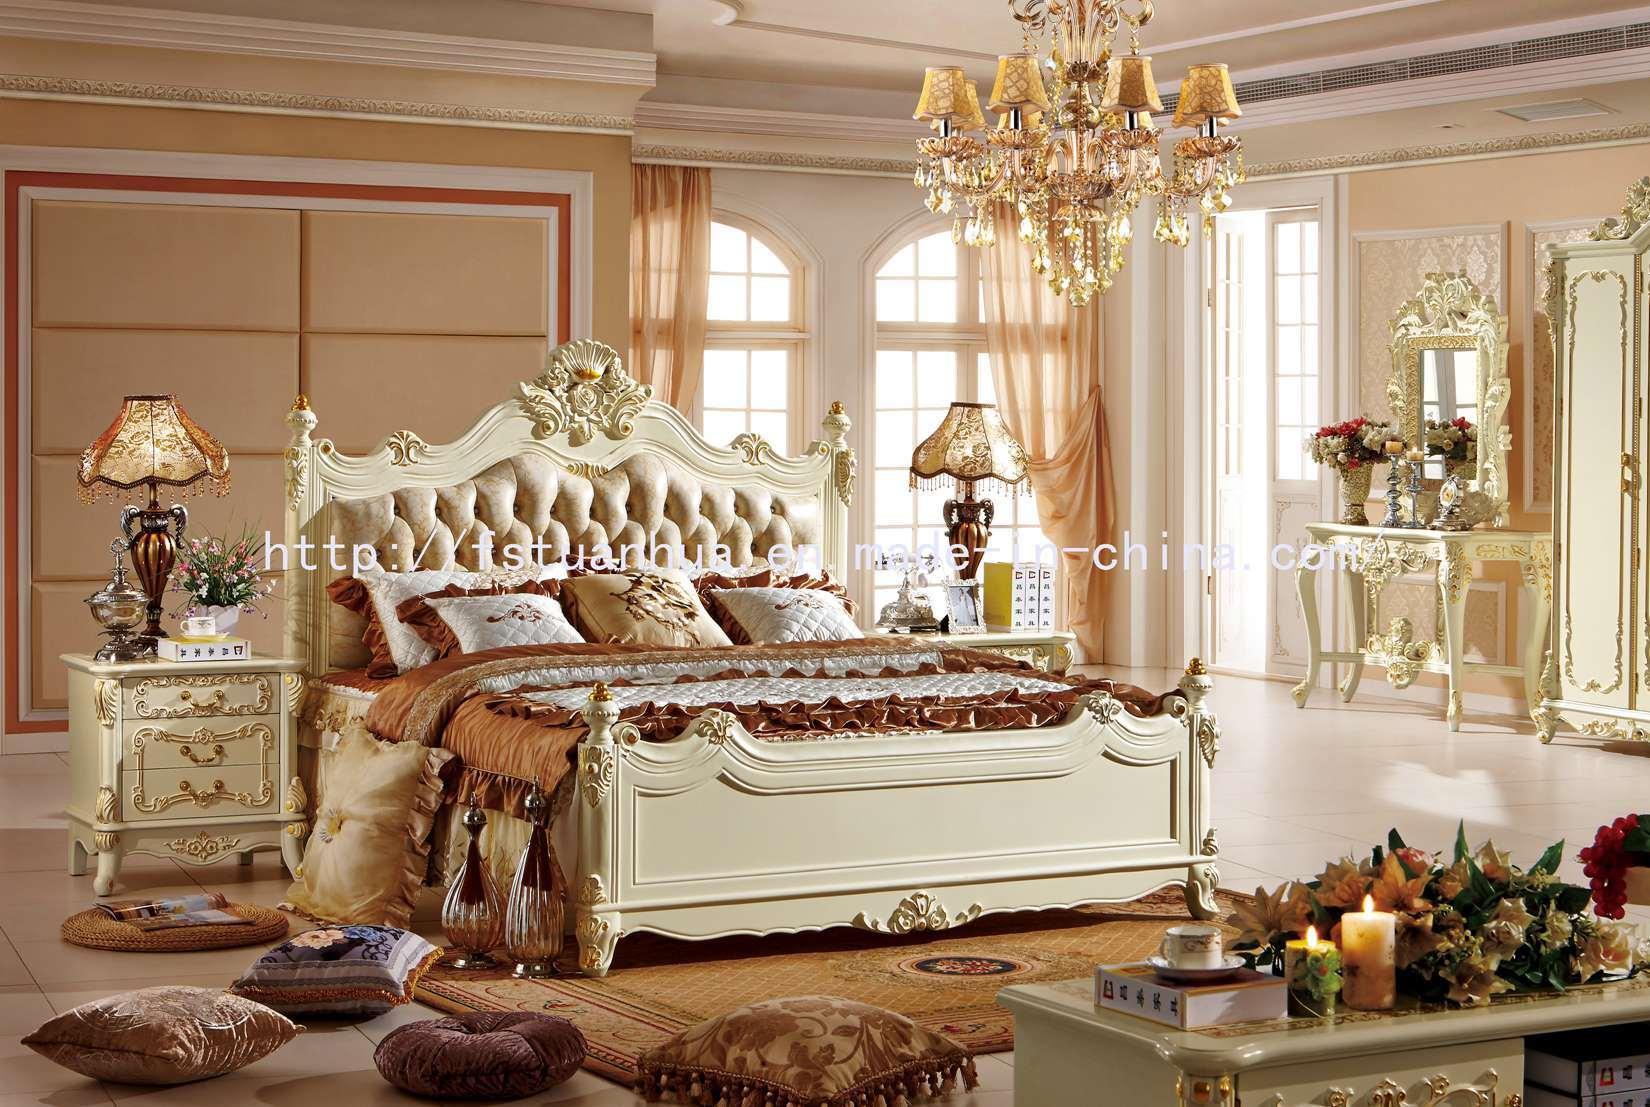 Camere Da Letto Stile Francese : Camere da letto stile provenzale foto camera da letto